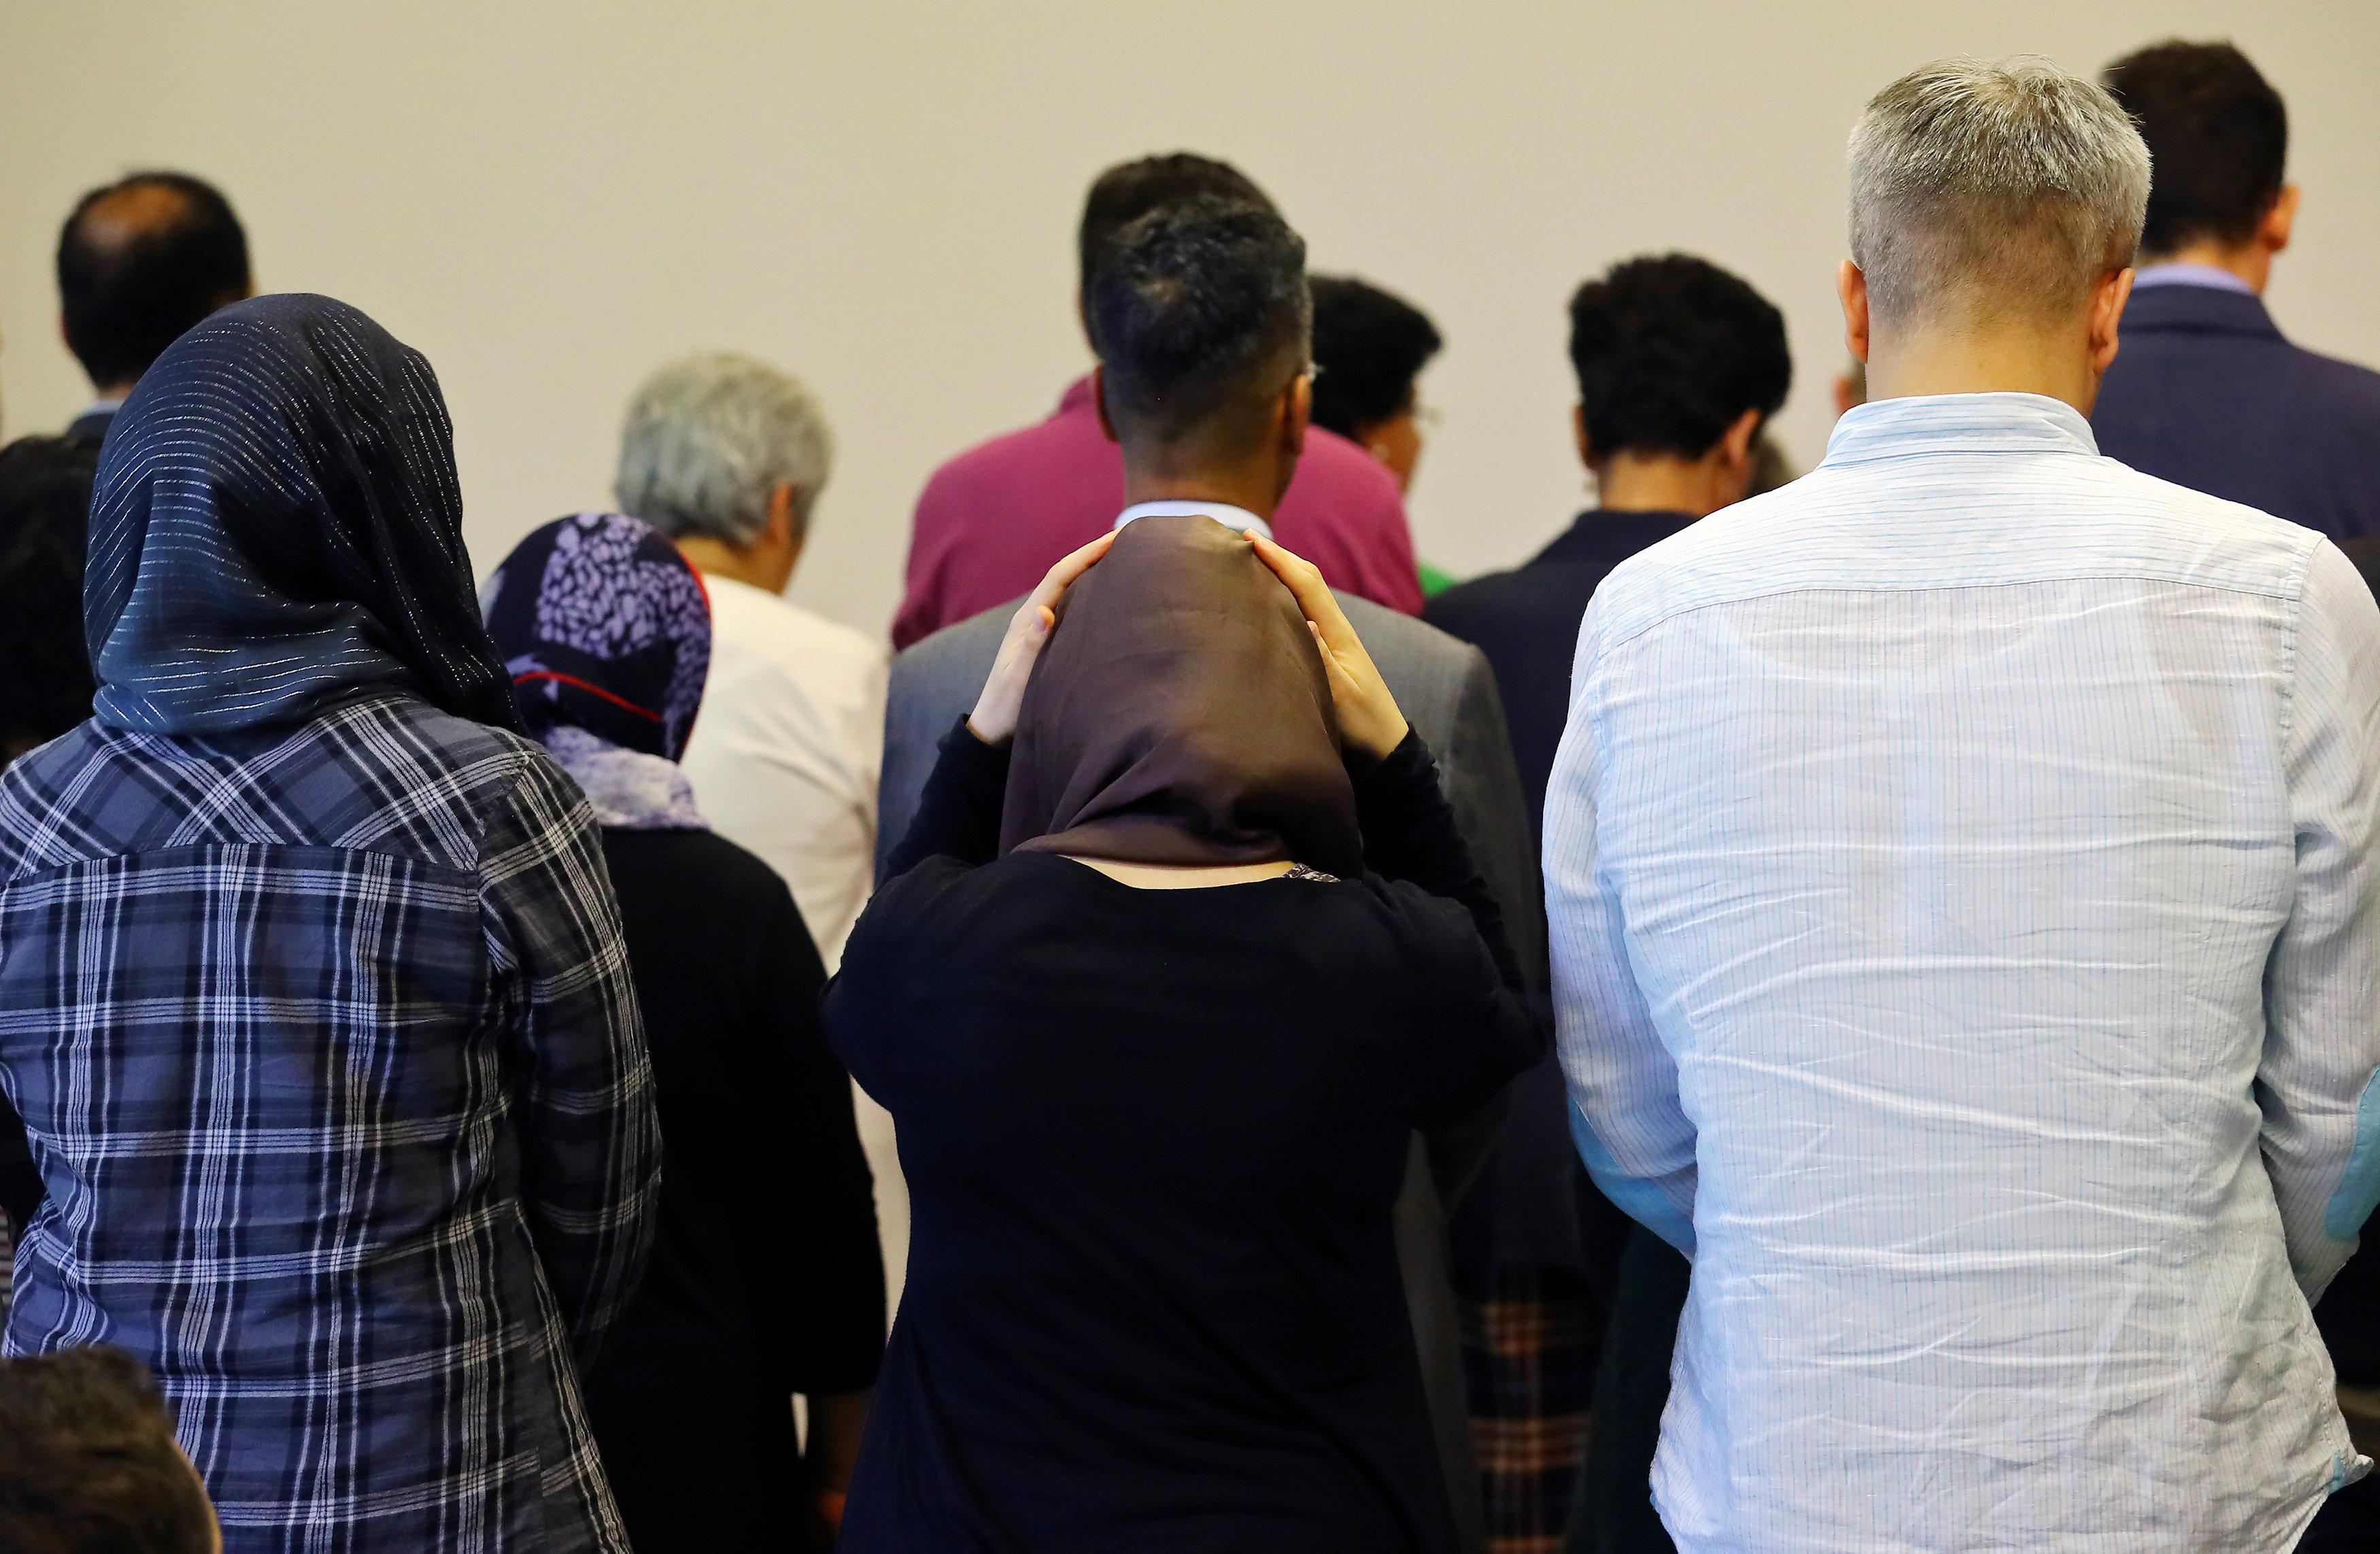 نساء ورجال فى صف واحد بالصلاة فى برلين